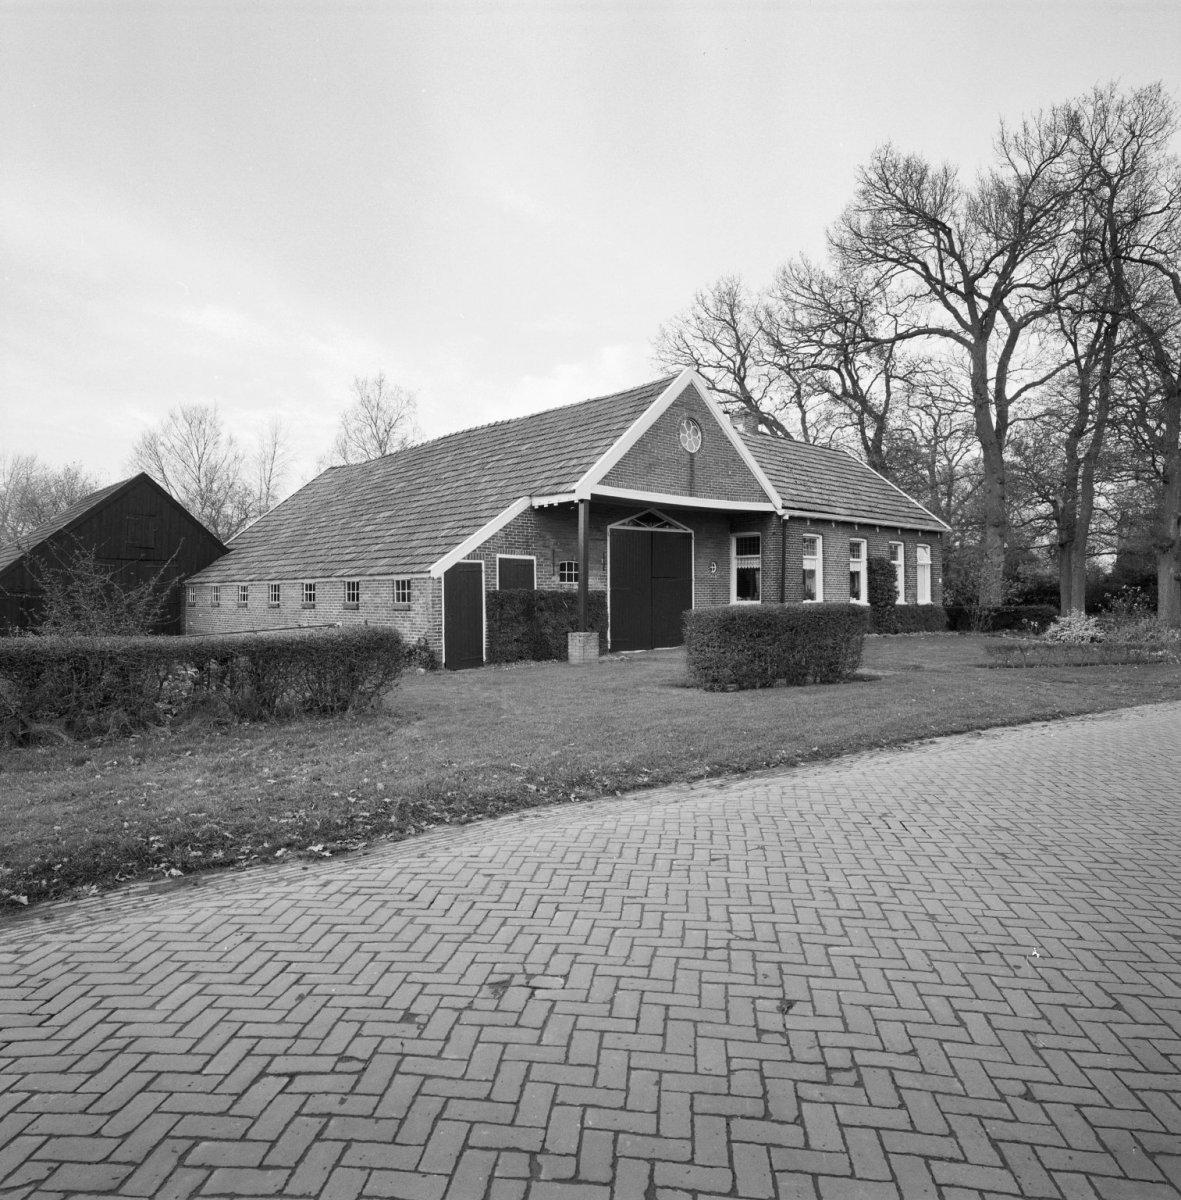 Boerderij Met Woonhuis Dat Oorspronkelijk Als Zuivelfabriek Werd Gebouwd In Anderen Drenthe Monument Rijksmonumenten Nl